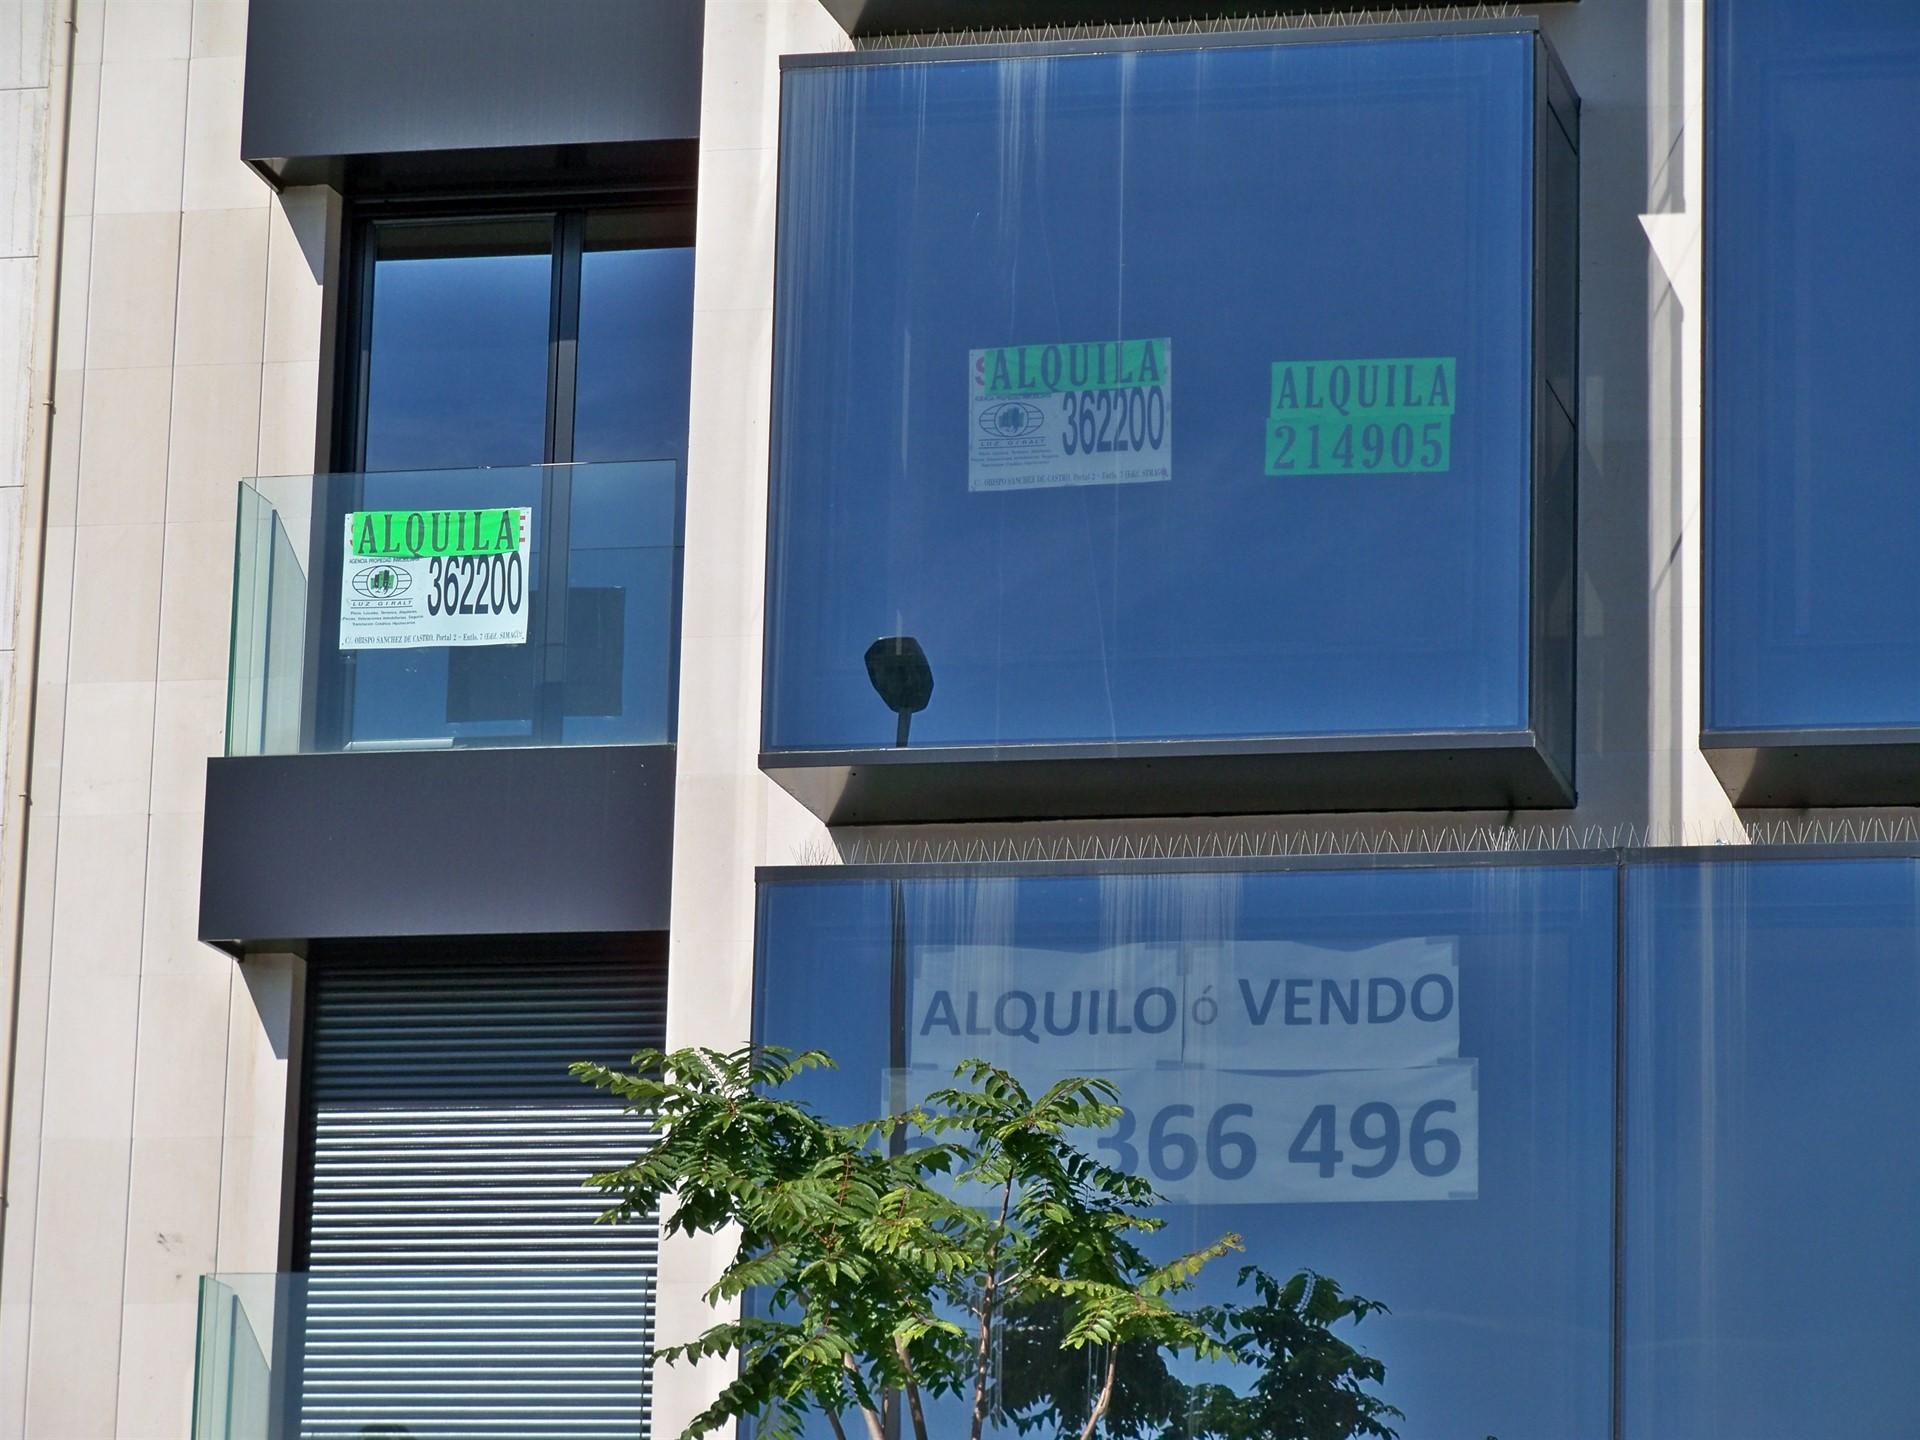 bee32dbe2 Sube el precio del alquiler un 8,8% en Cantabria – CANTABRIA DIRECTA